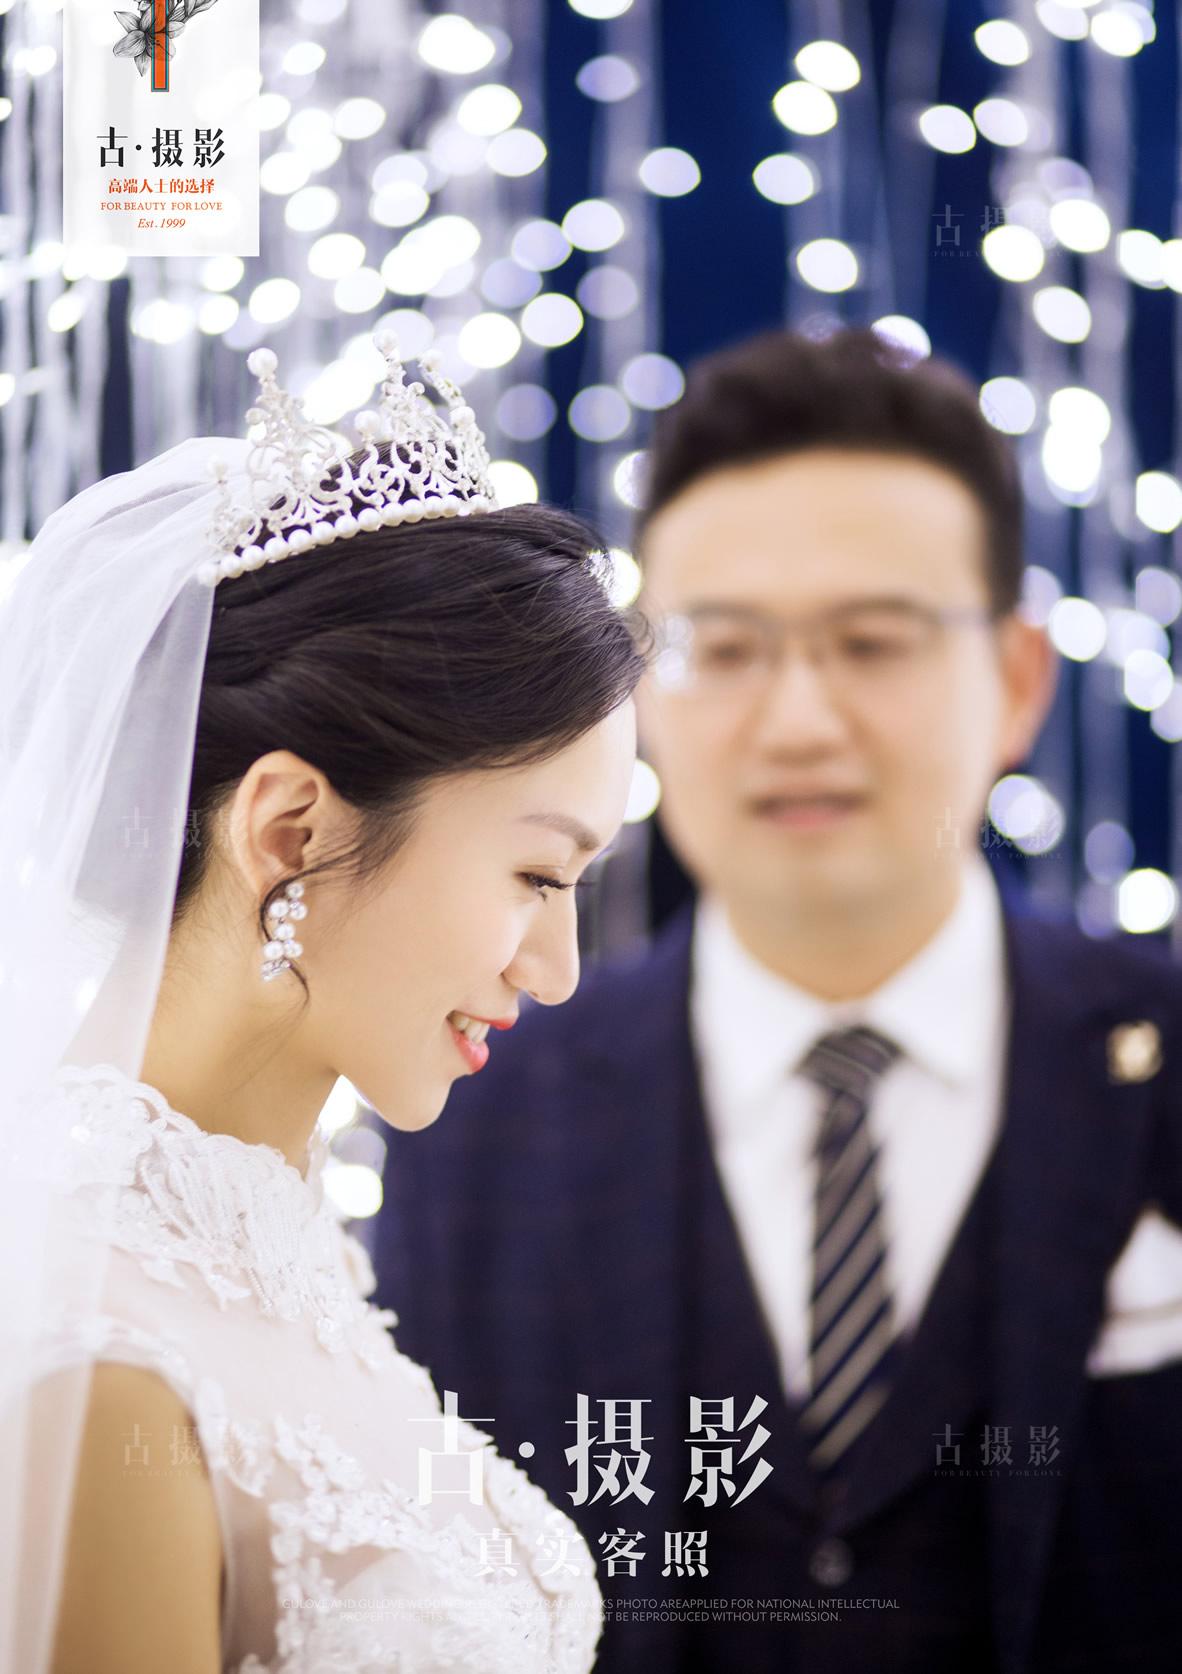 9月15日客片范先生 陈小姐 - 每日客照 - love昆明古摄影-昆明婚纱摄影网